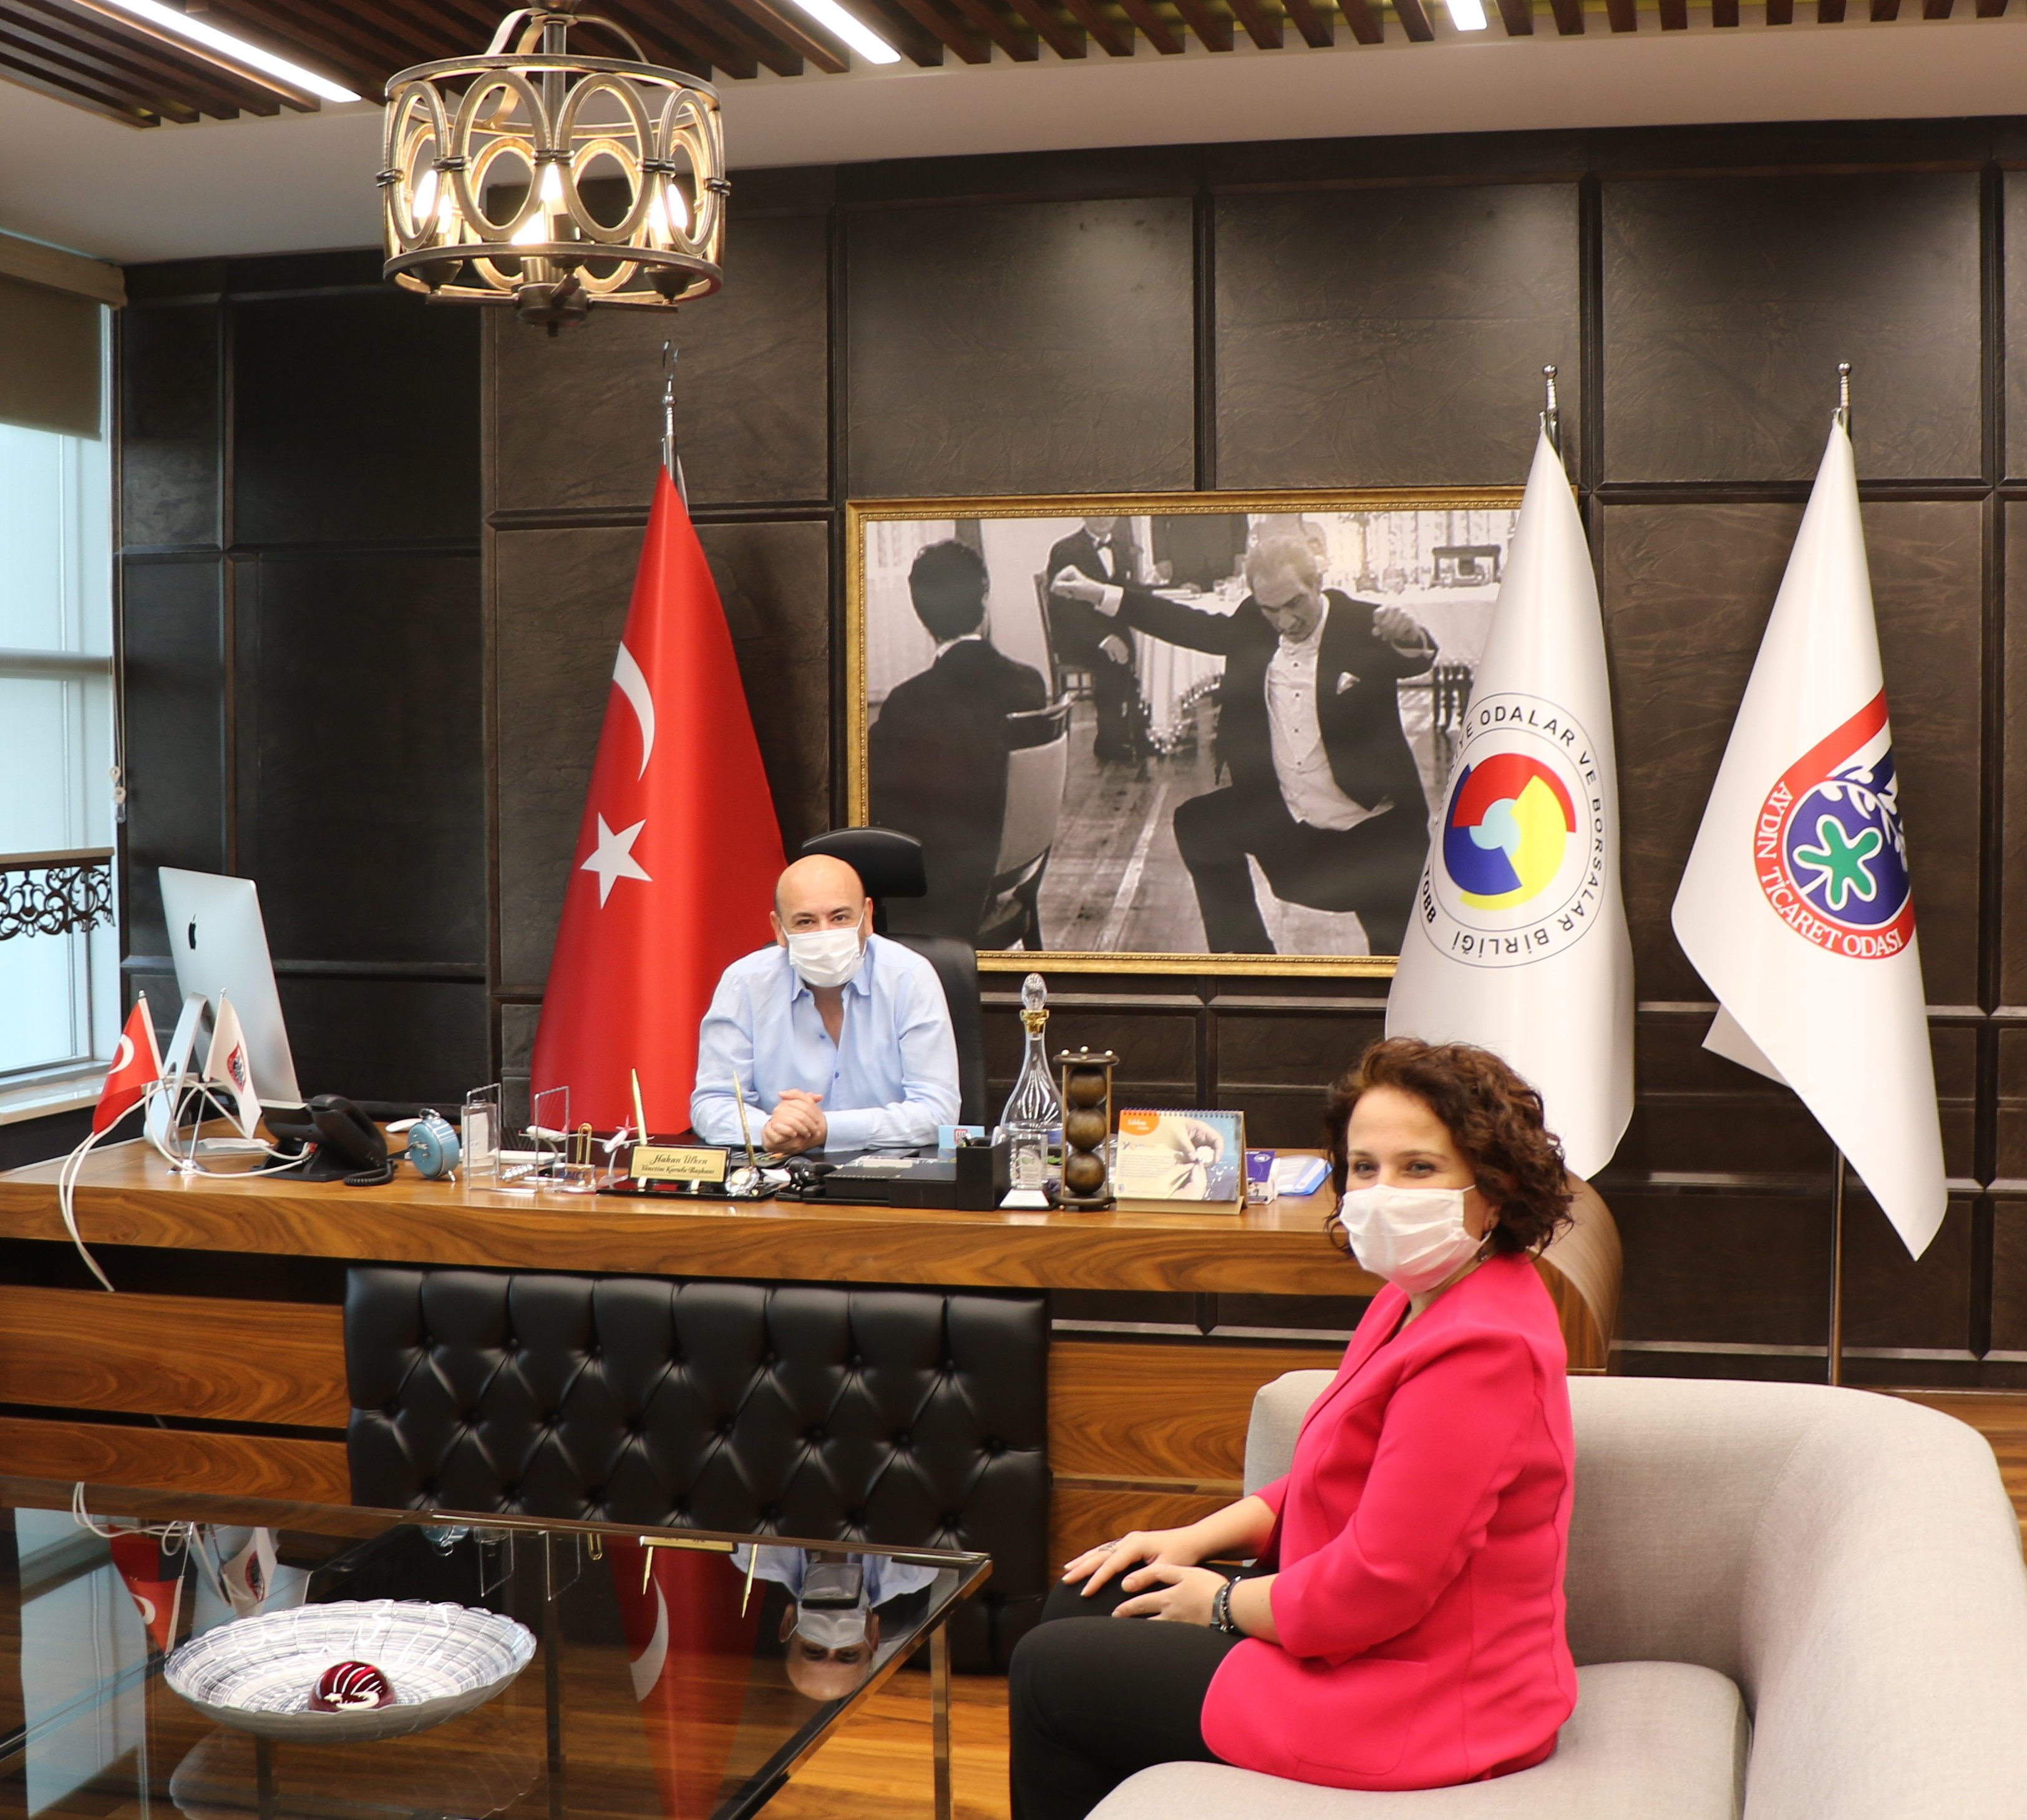 Aydın SGK İl Müdürü Zeynep YILMAZ, TOBB Yönetim Kurulu Üyesi ve Odamız Başkanı Hakan ÜLKEN'i makamında ziyaret etti.